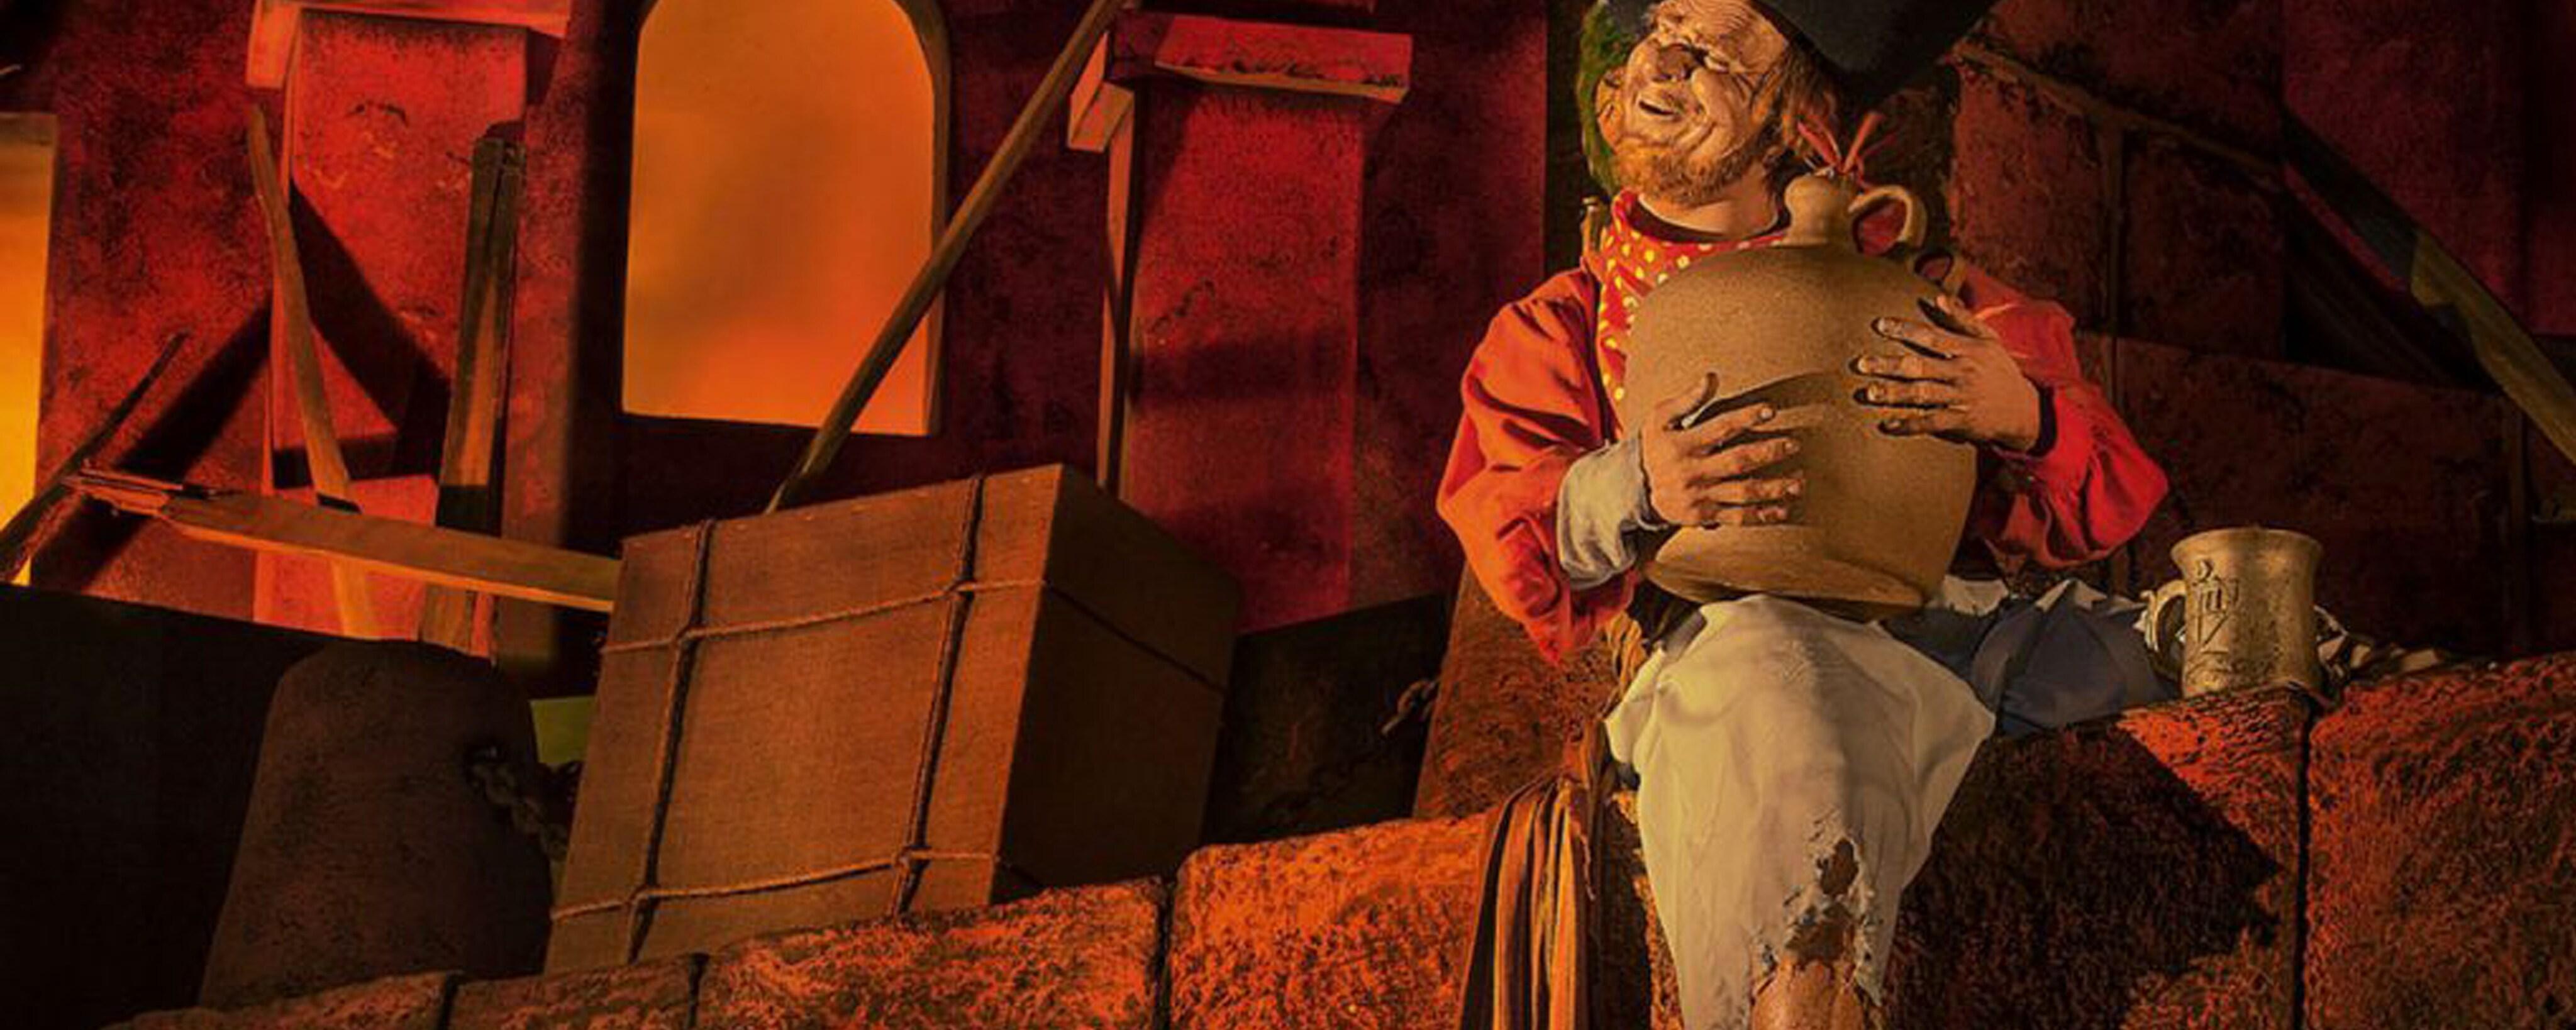 Descubre tesoros y atesorados secretos de la atracción Pirates of the Caribbean en el Disneyland Resort